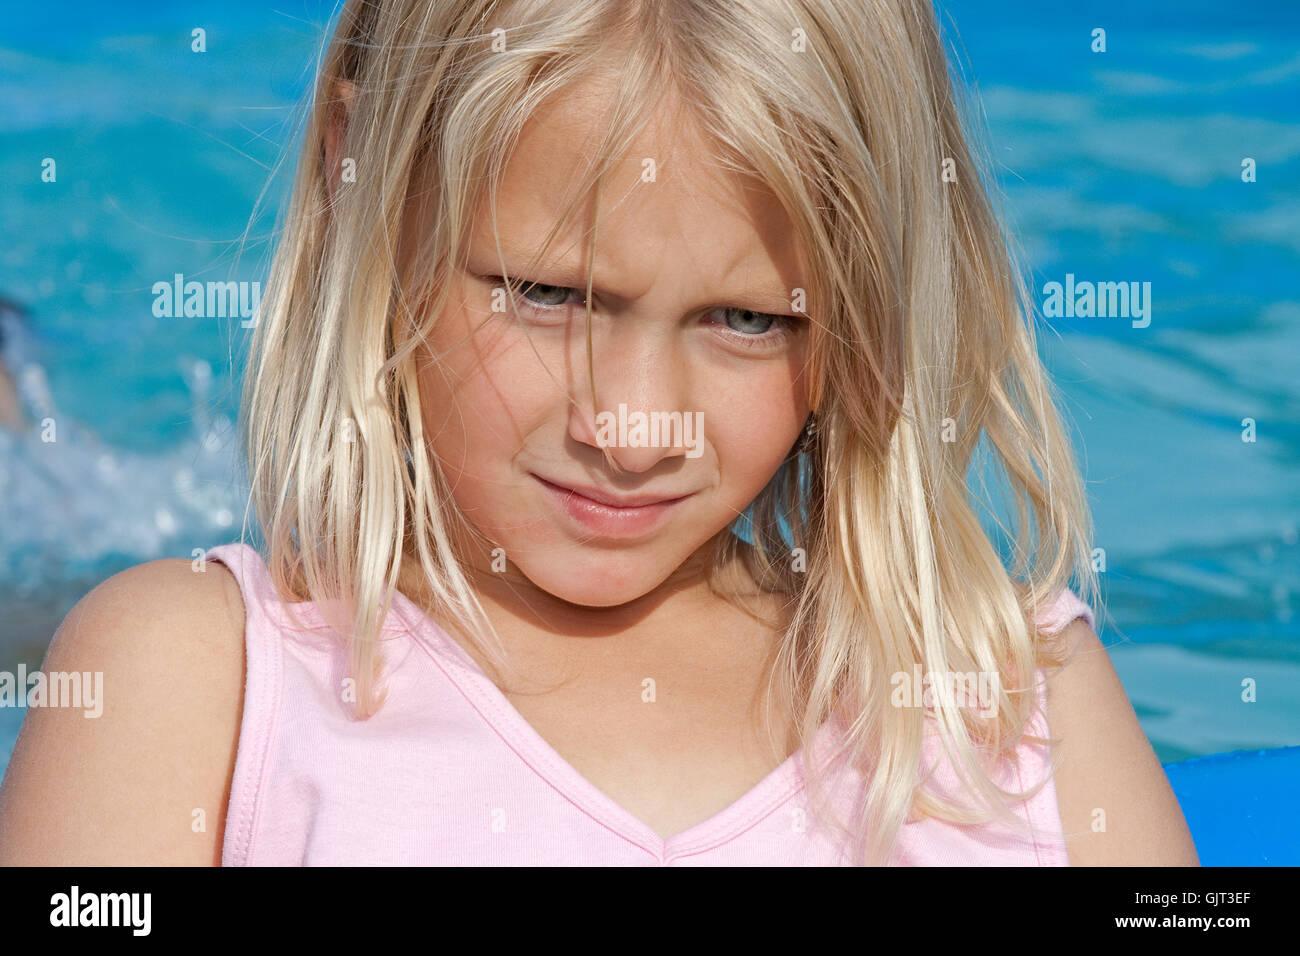 blue pool annoyed - Stock Image